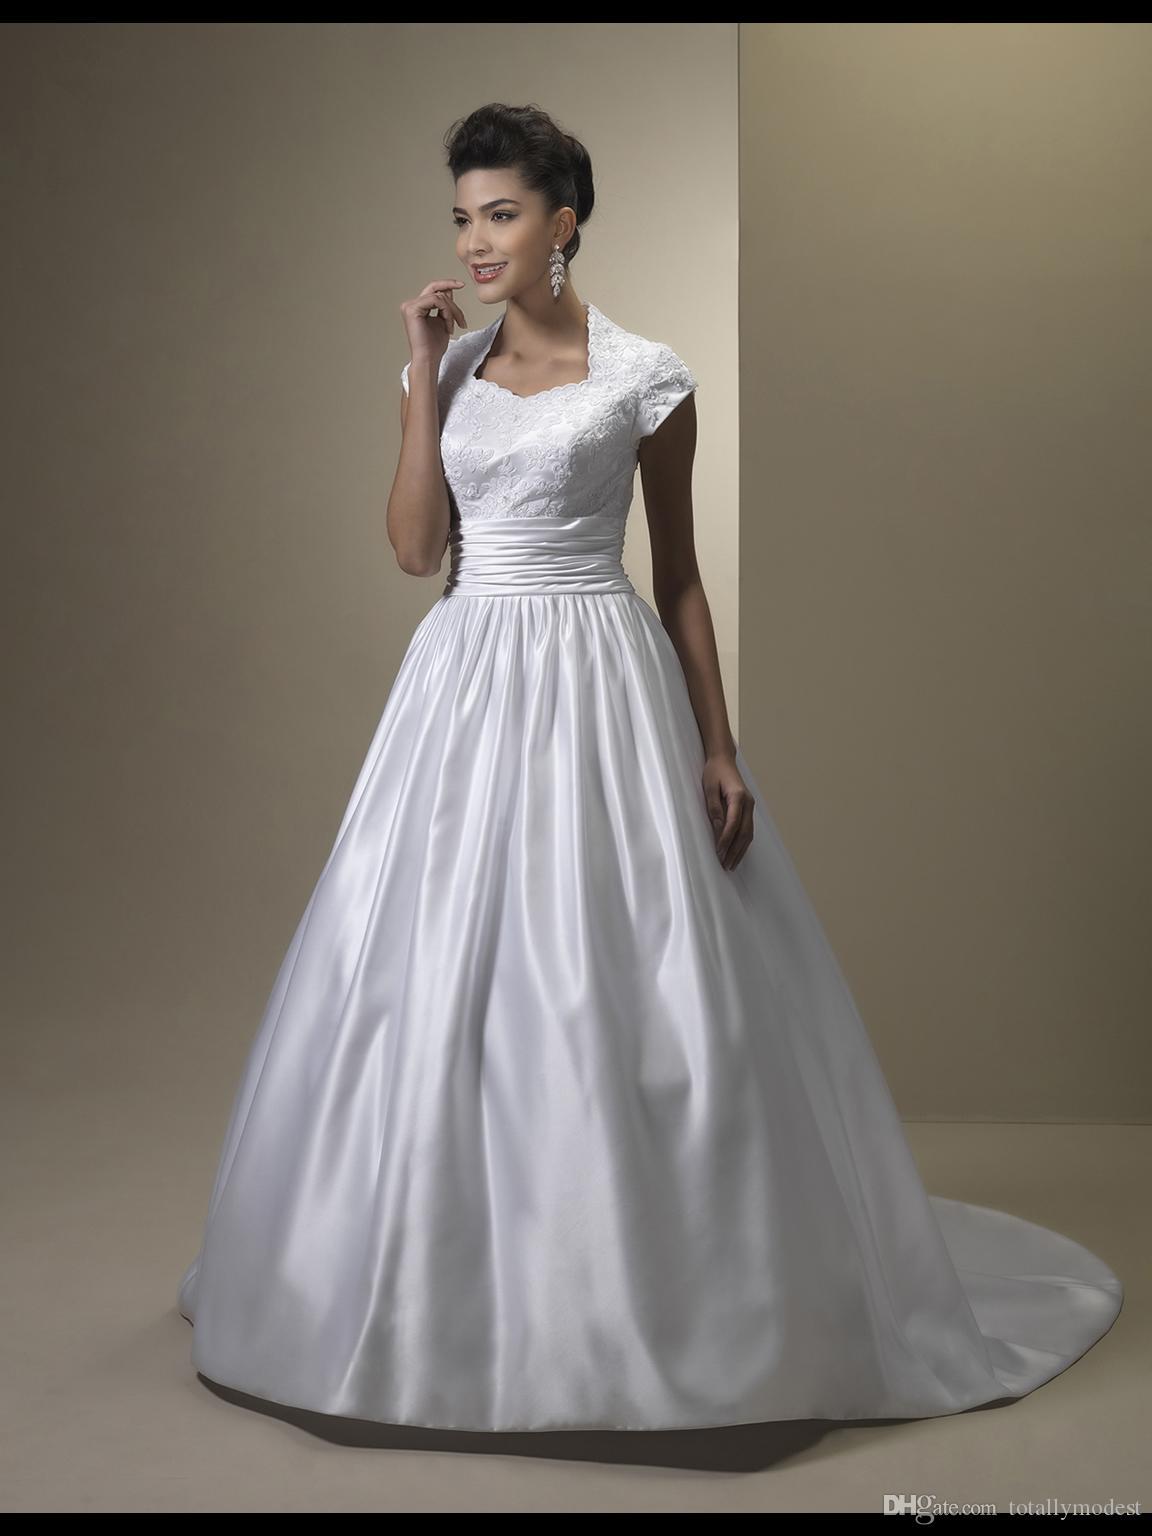 Robe De Noiva Vintage A-ligne Dentelle Satin Robes De Mariée Modestes Avec Cap Manches Col Haut Boutons Retour Modest Robes De Mariée Sur Mesure